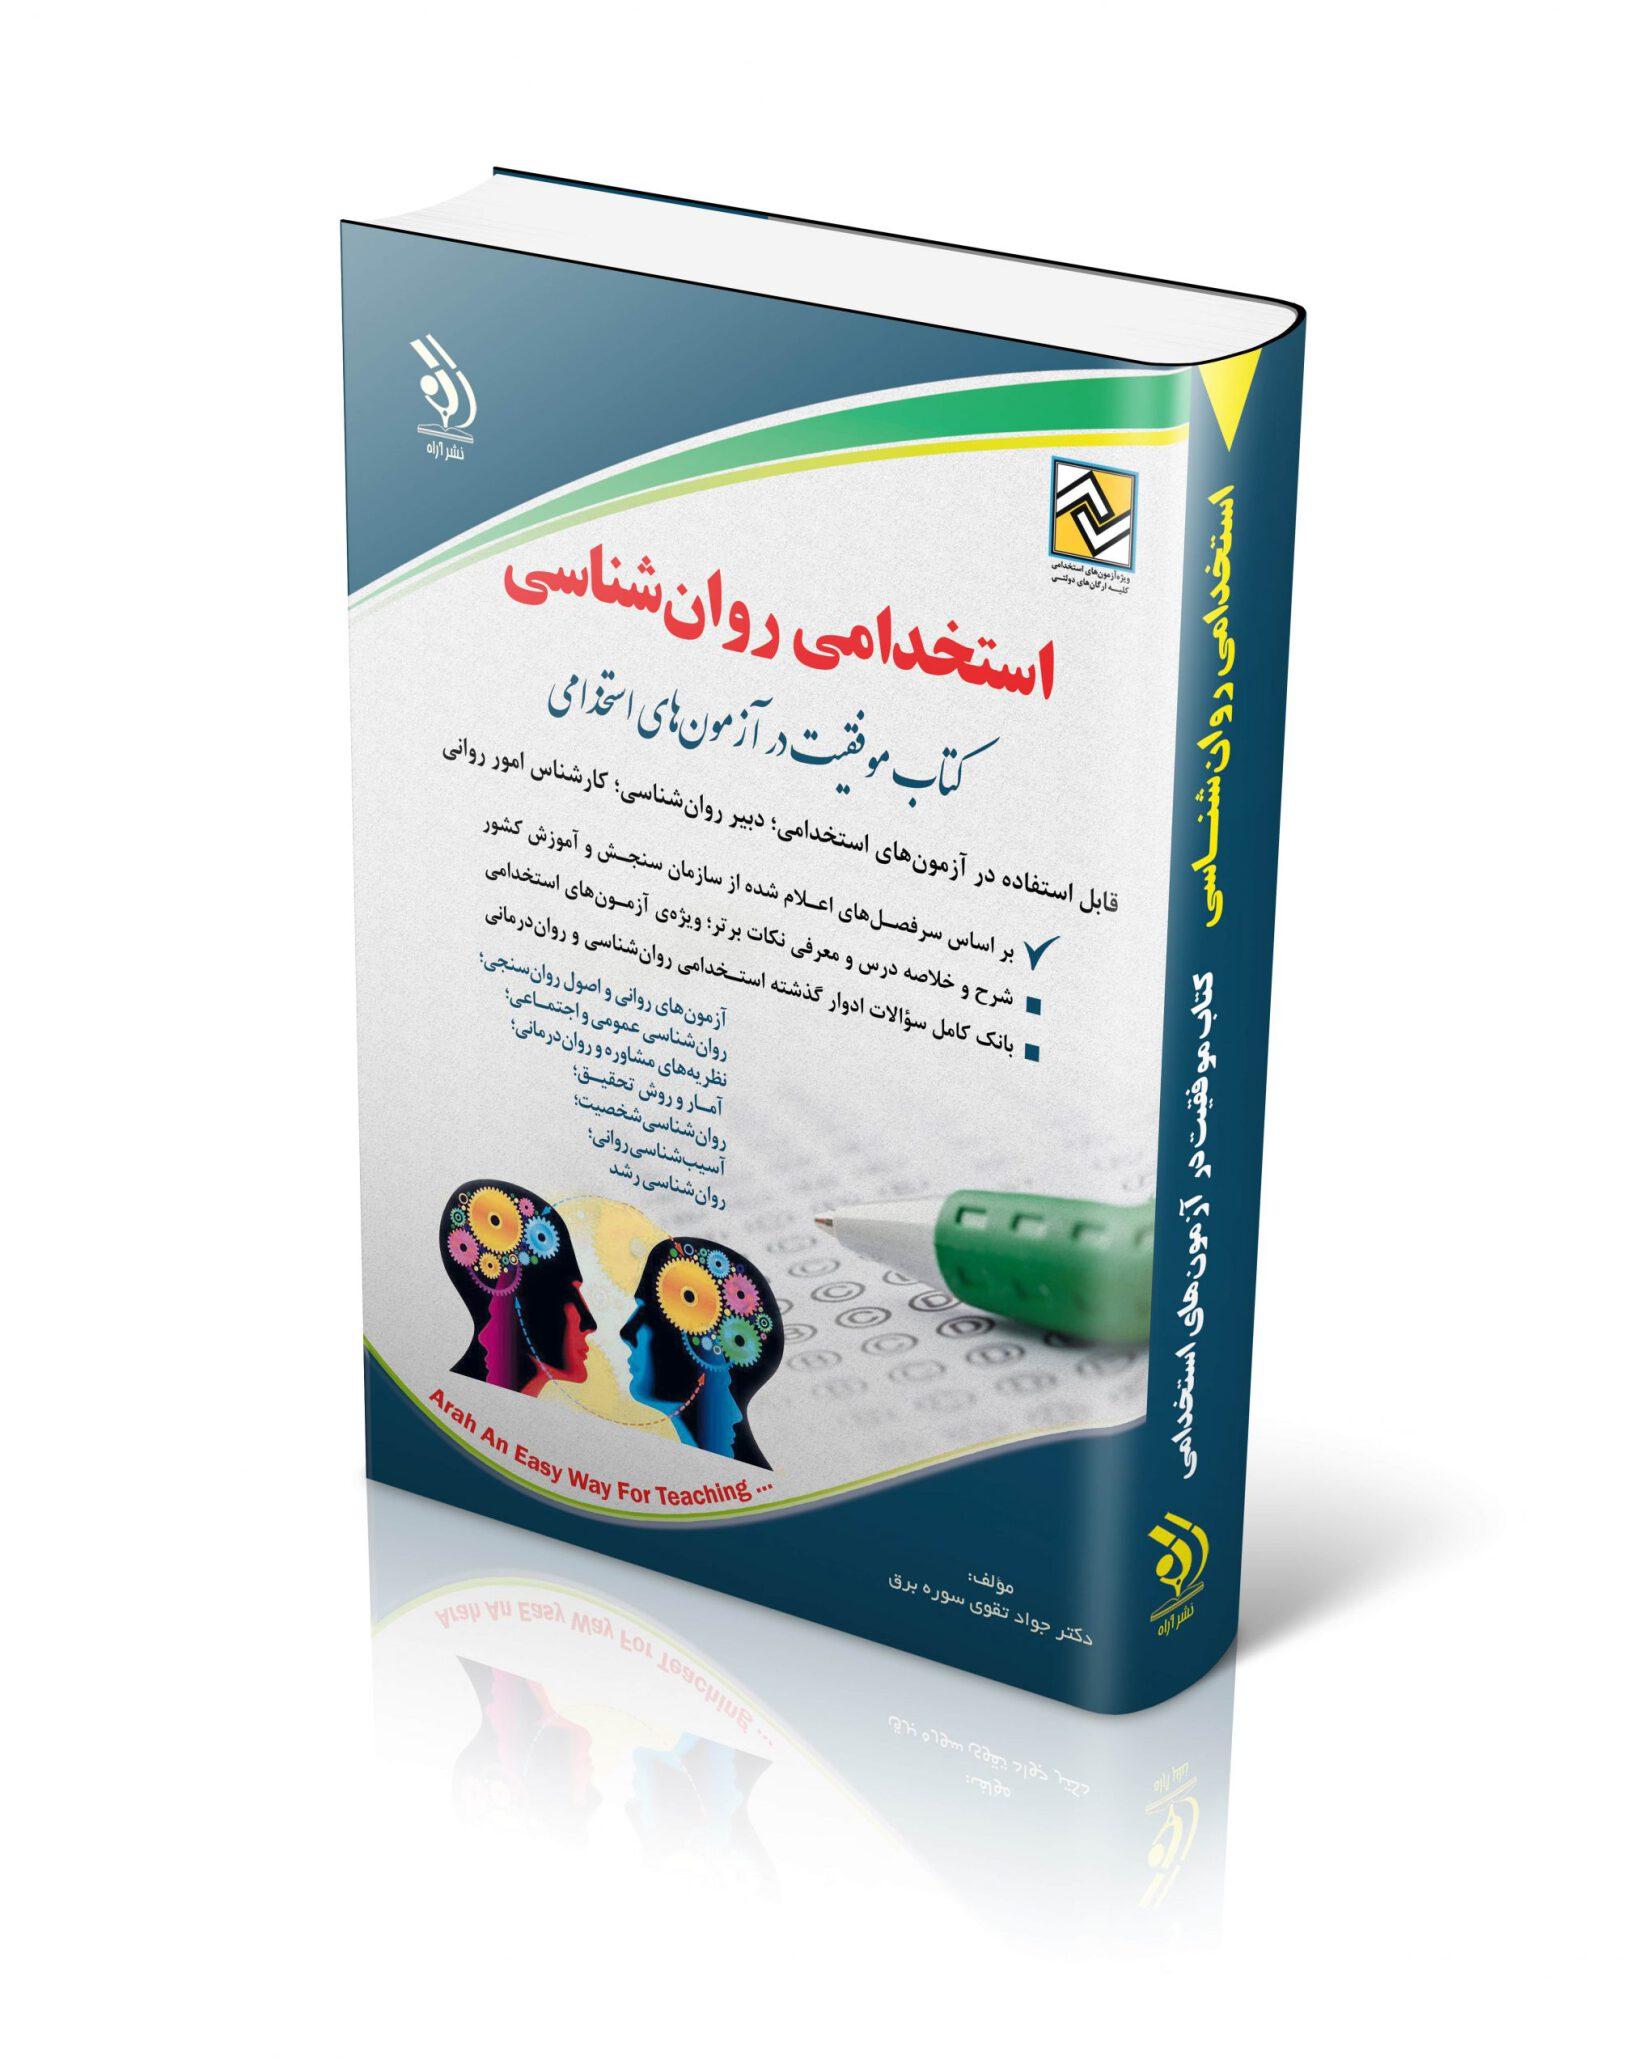 کتاب استخدامی روان شناسی